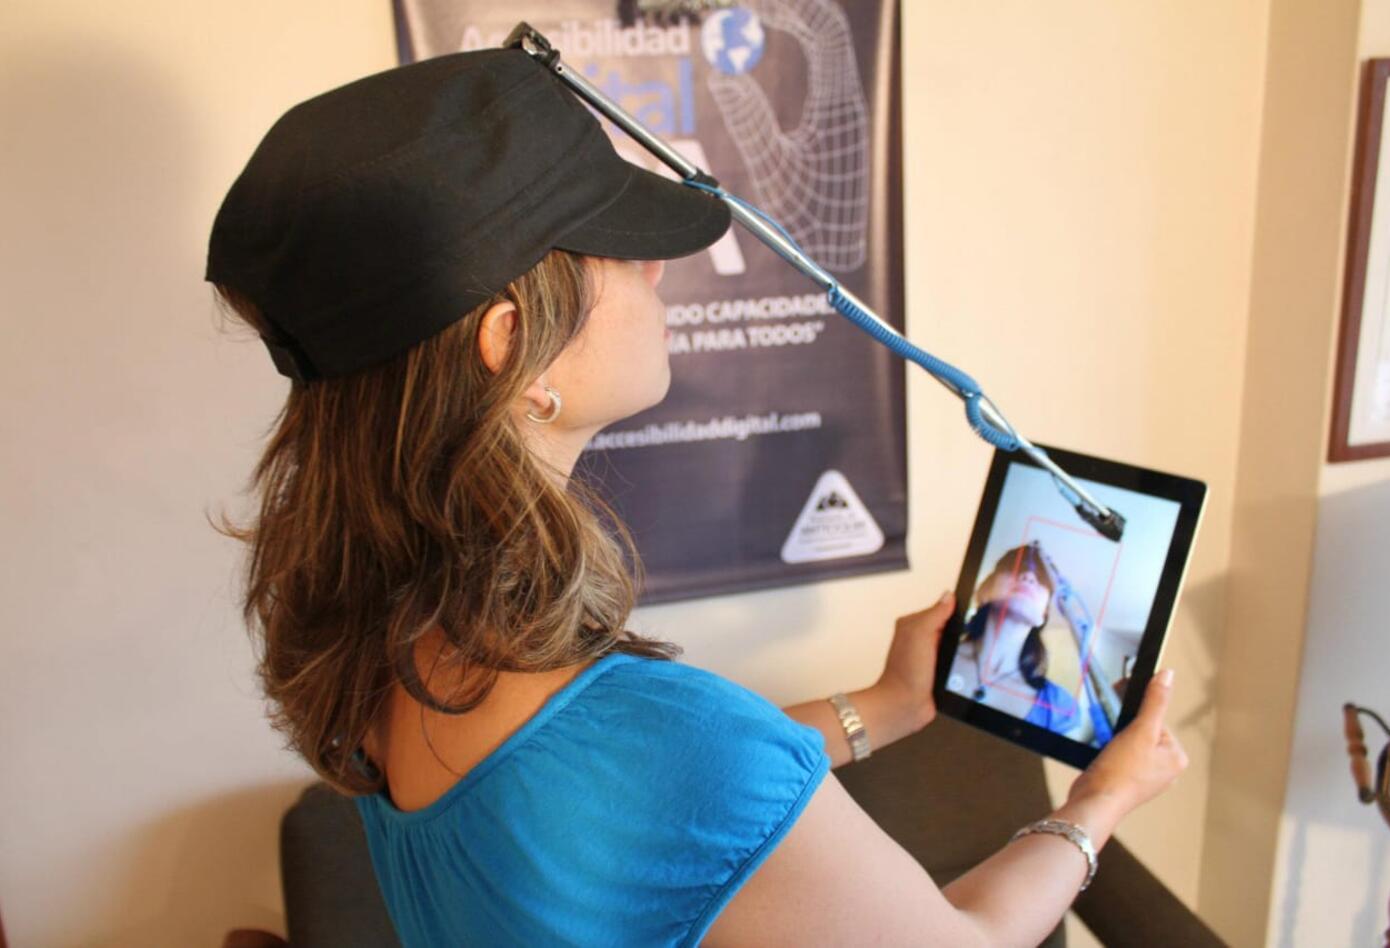 Puntero para tablet accesible para personas sin miembros superiores